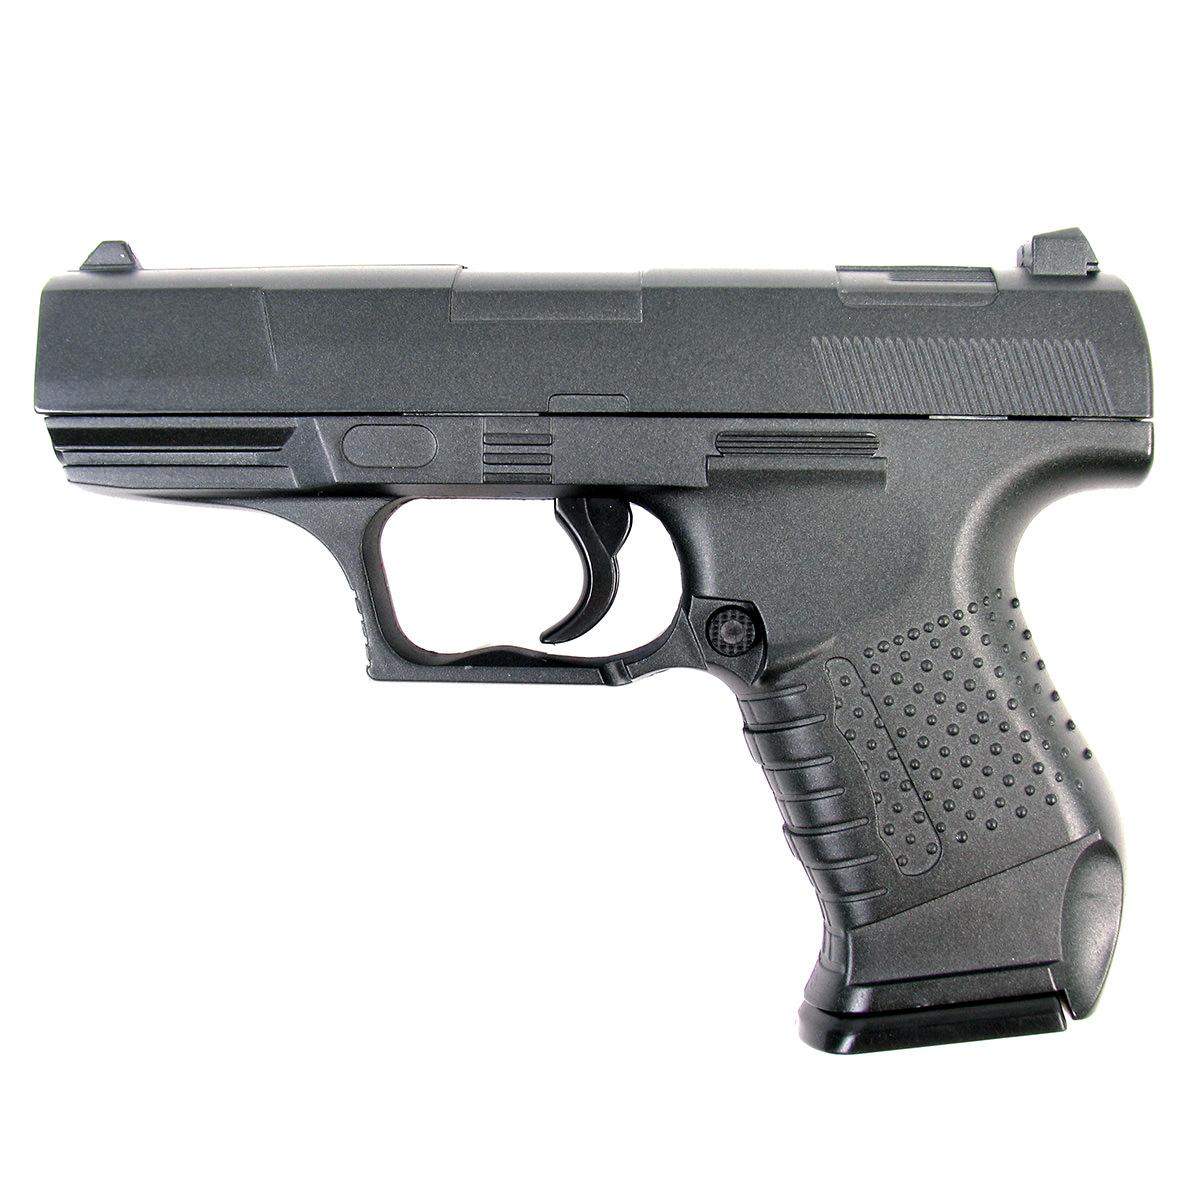 Пружинный пистолет G.19 является уменьшенной копией пистолета Walther P88. Корпус пистолета цельнометаллический. В магазин вмещается 8 шариков BB 6 мм. Выстрел из пистолета осуществляется с помощью пружины, максимальная начальная скорость выстрела не более 50 м/с. Прицельные приспособления не регулируемые, пистолет предназначен для стрельбы на короткие дистанции.